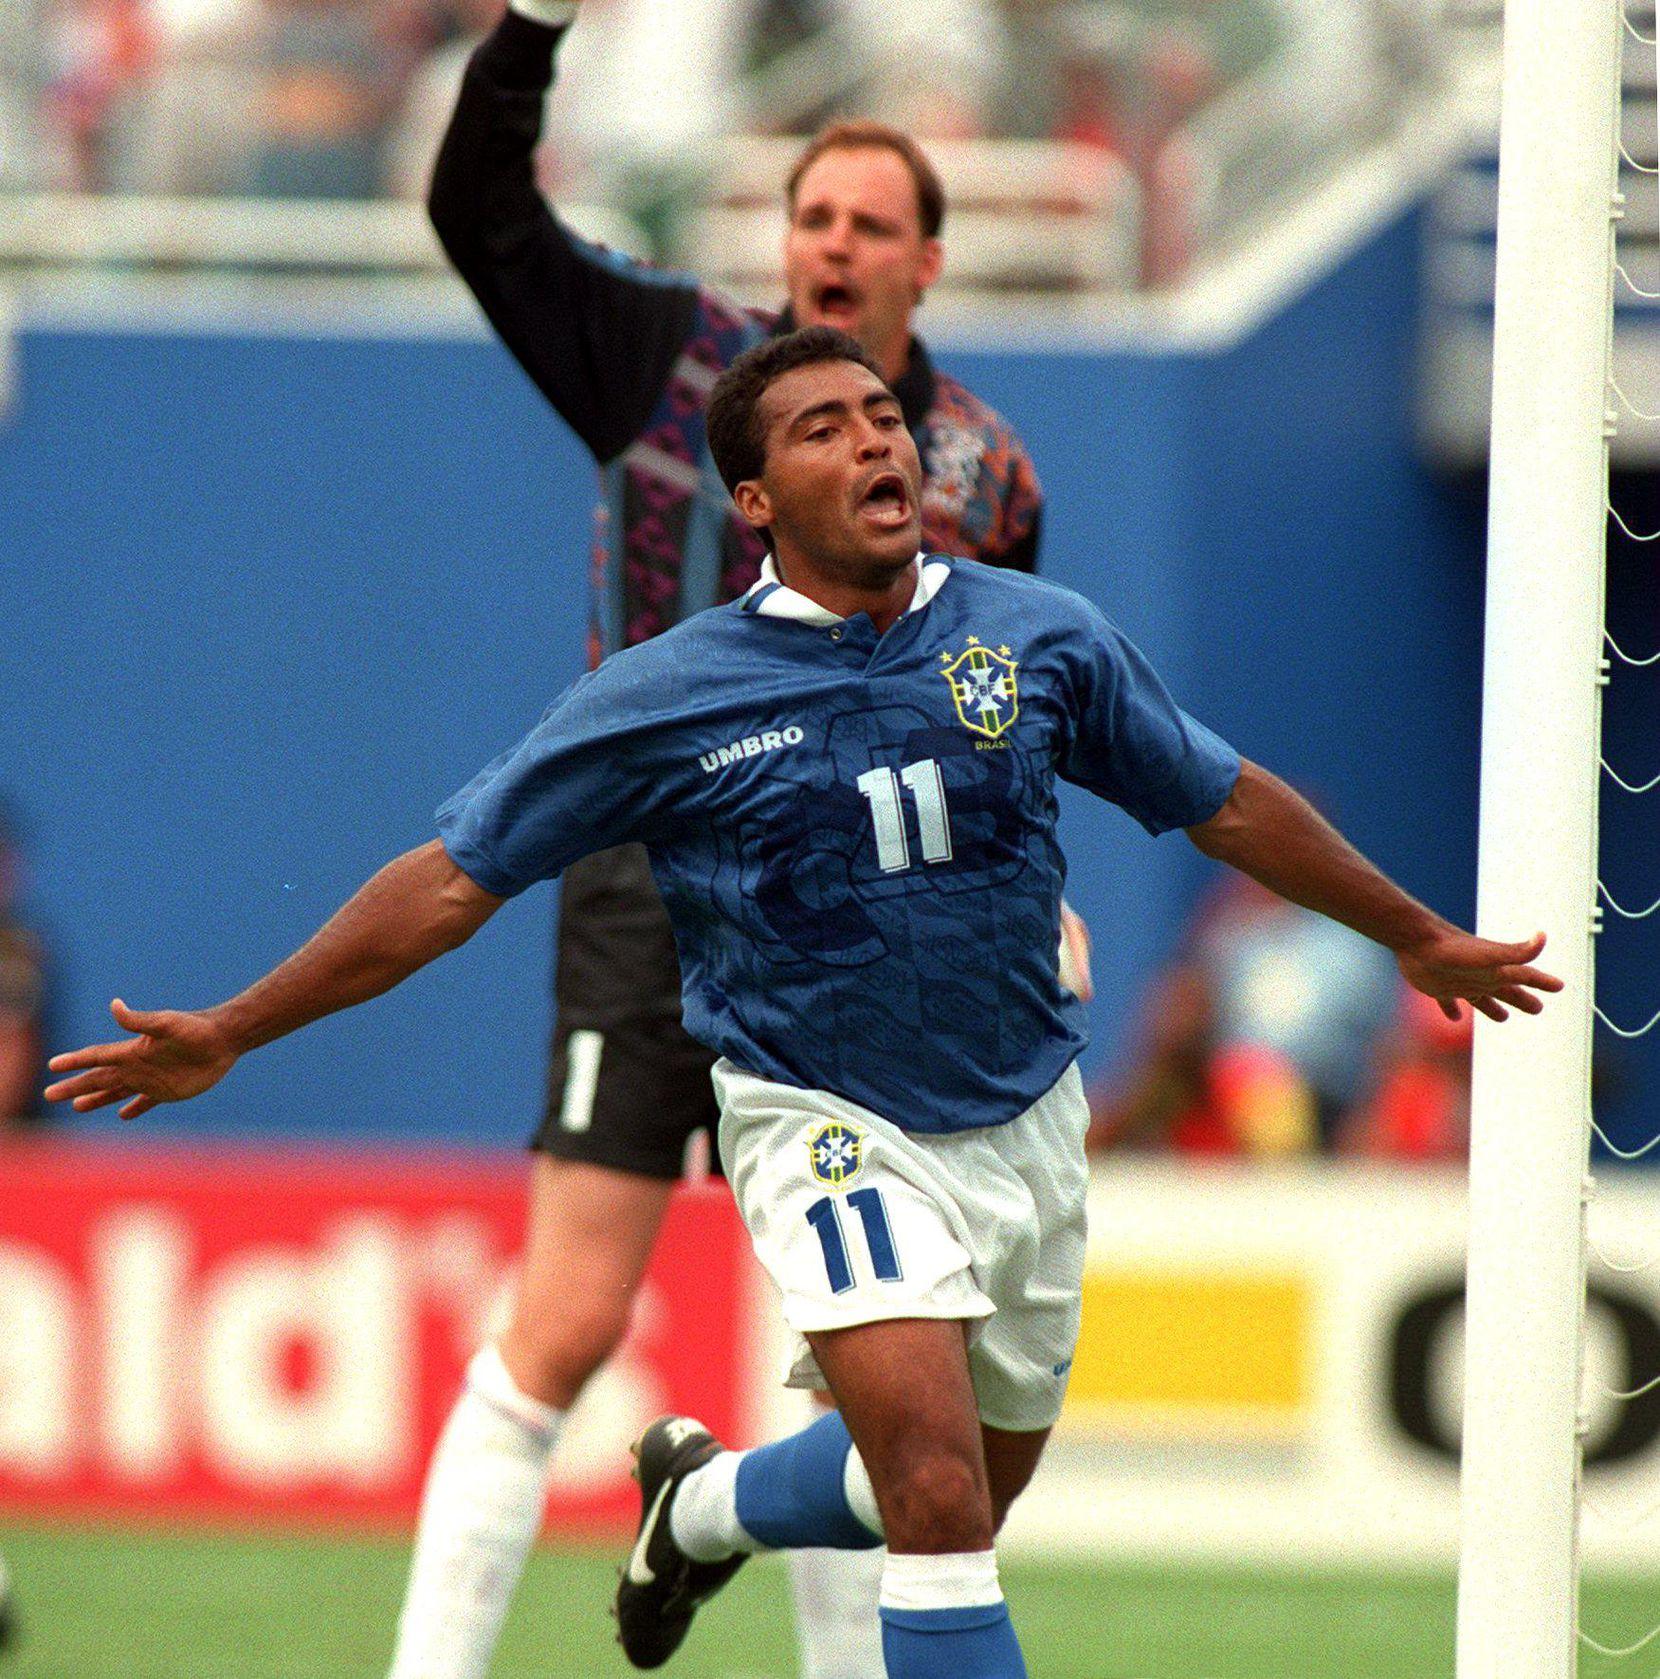 Romario celebra tras anotar gol de Brasil frente a Holanda el 9 de julio de 1994.(GETTY IMAGE)